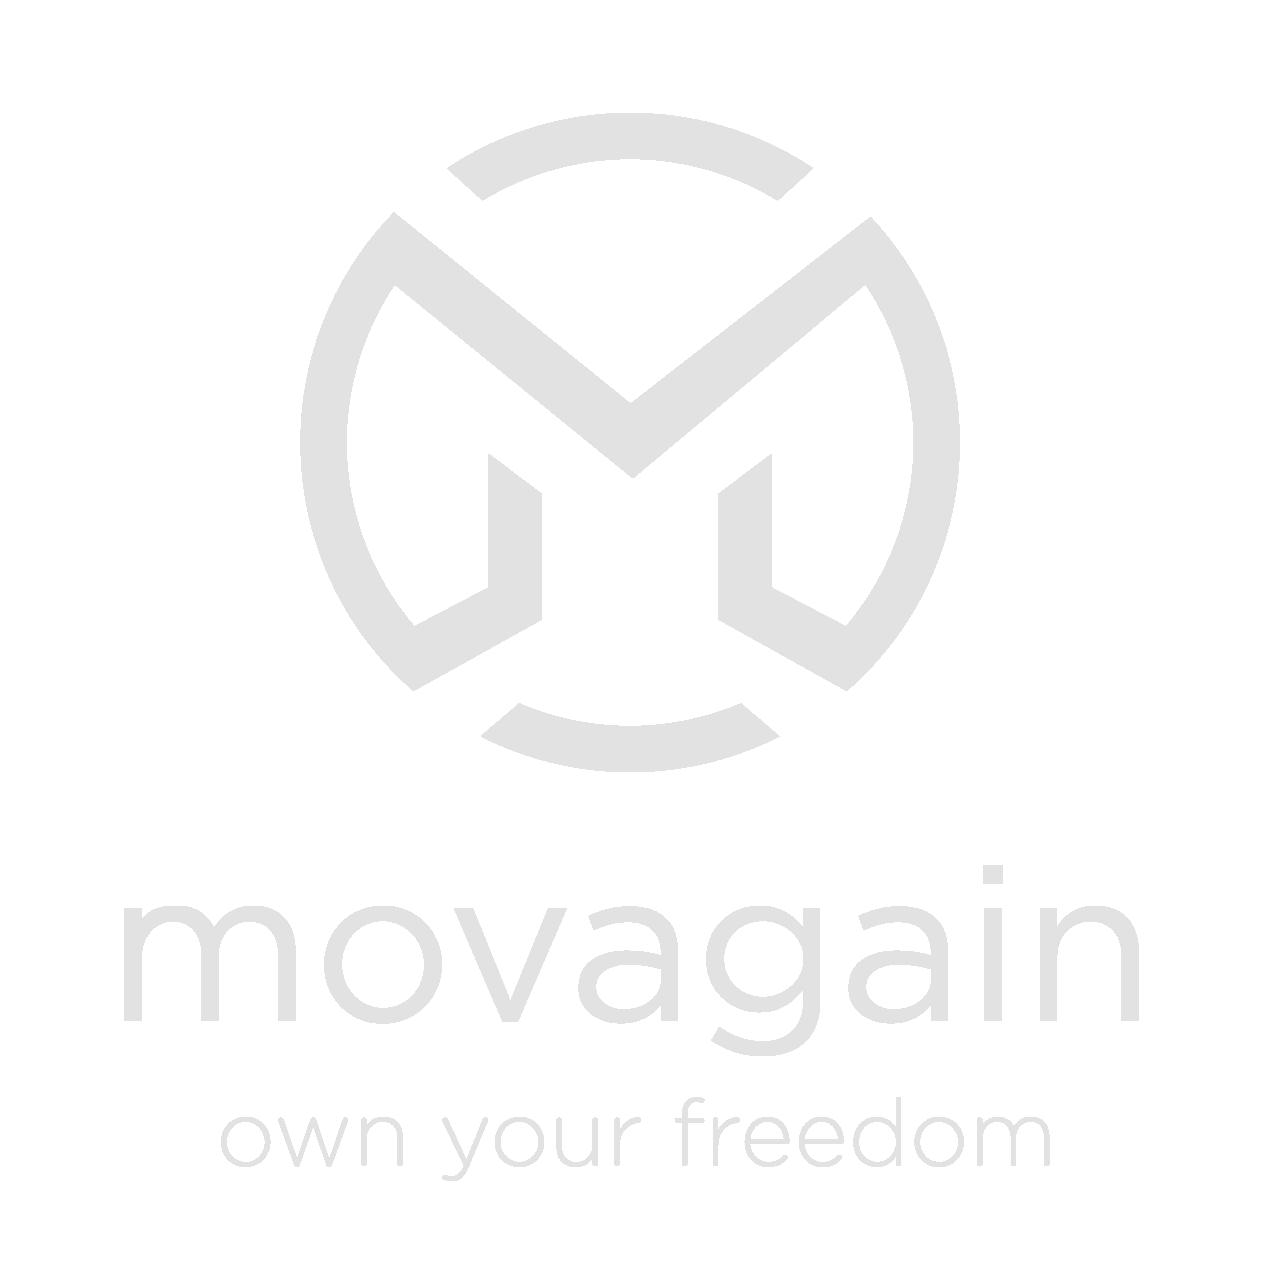 Logo Movagain